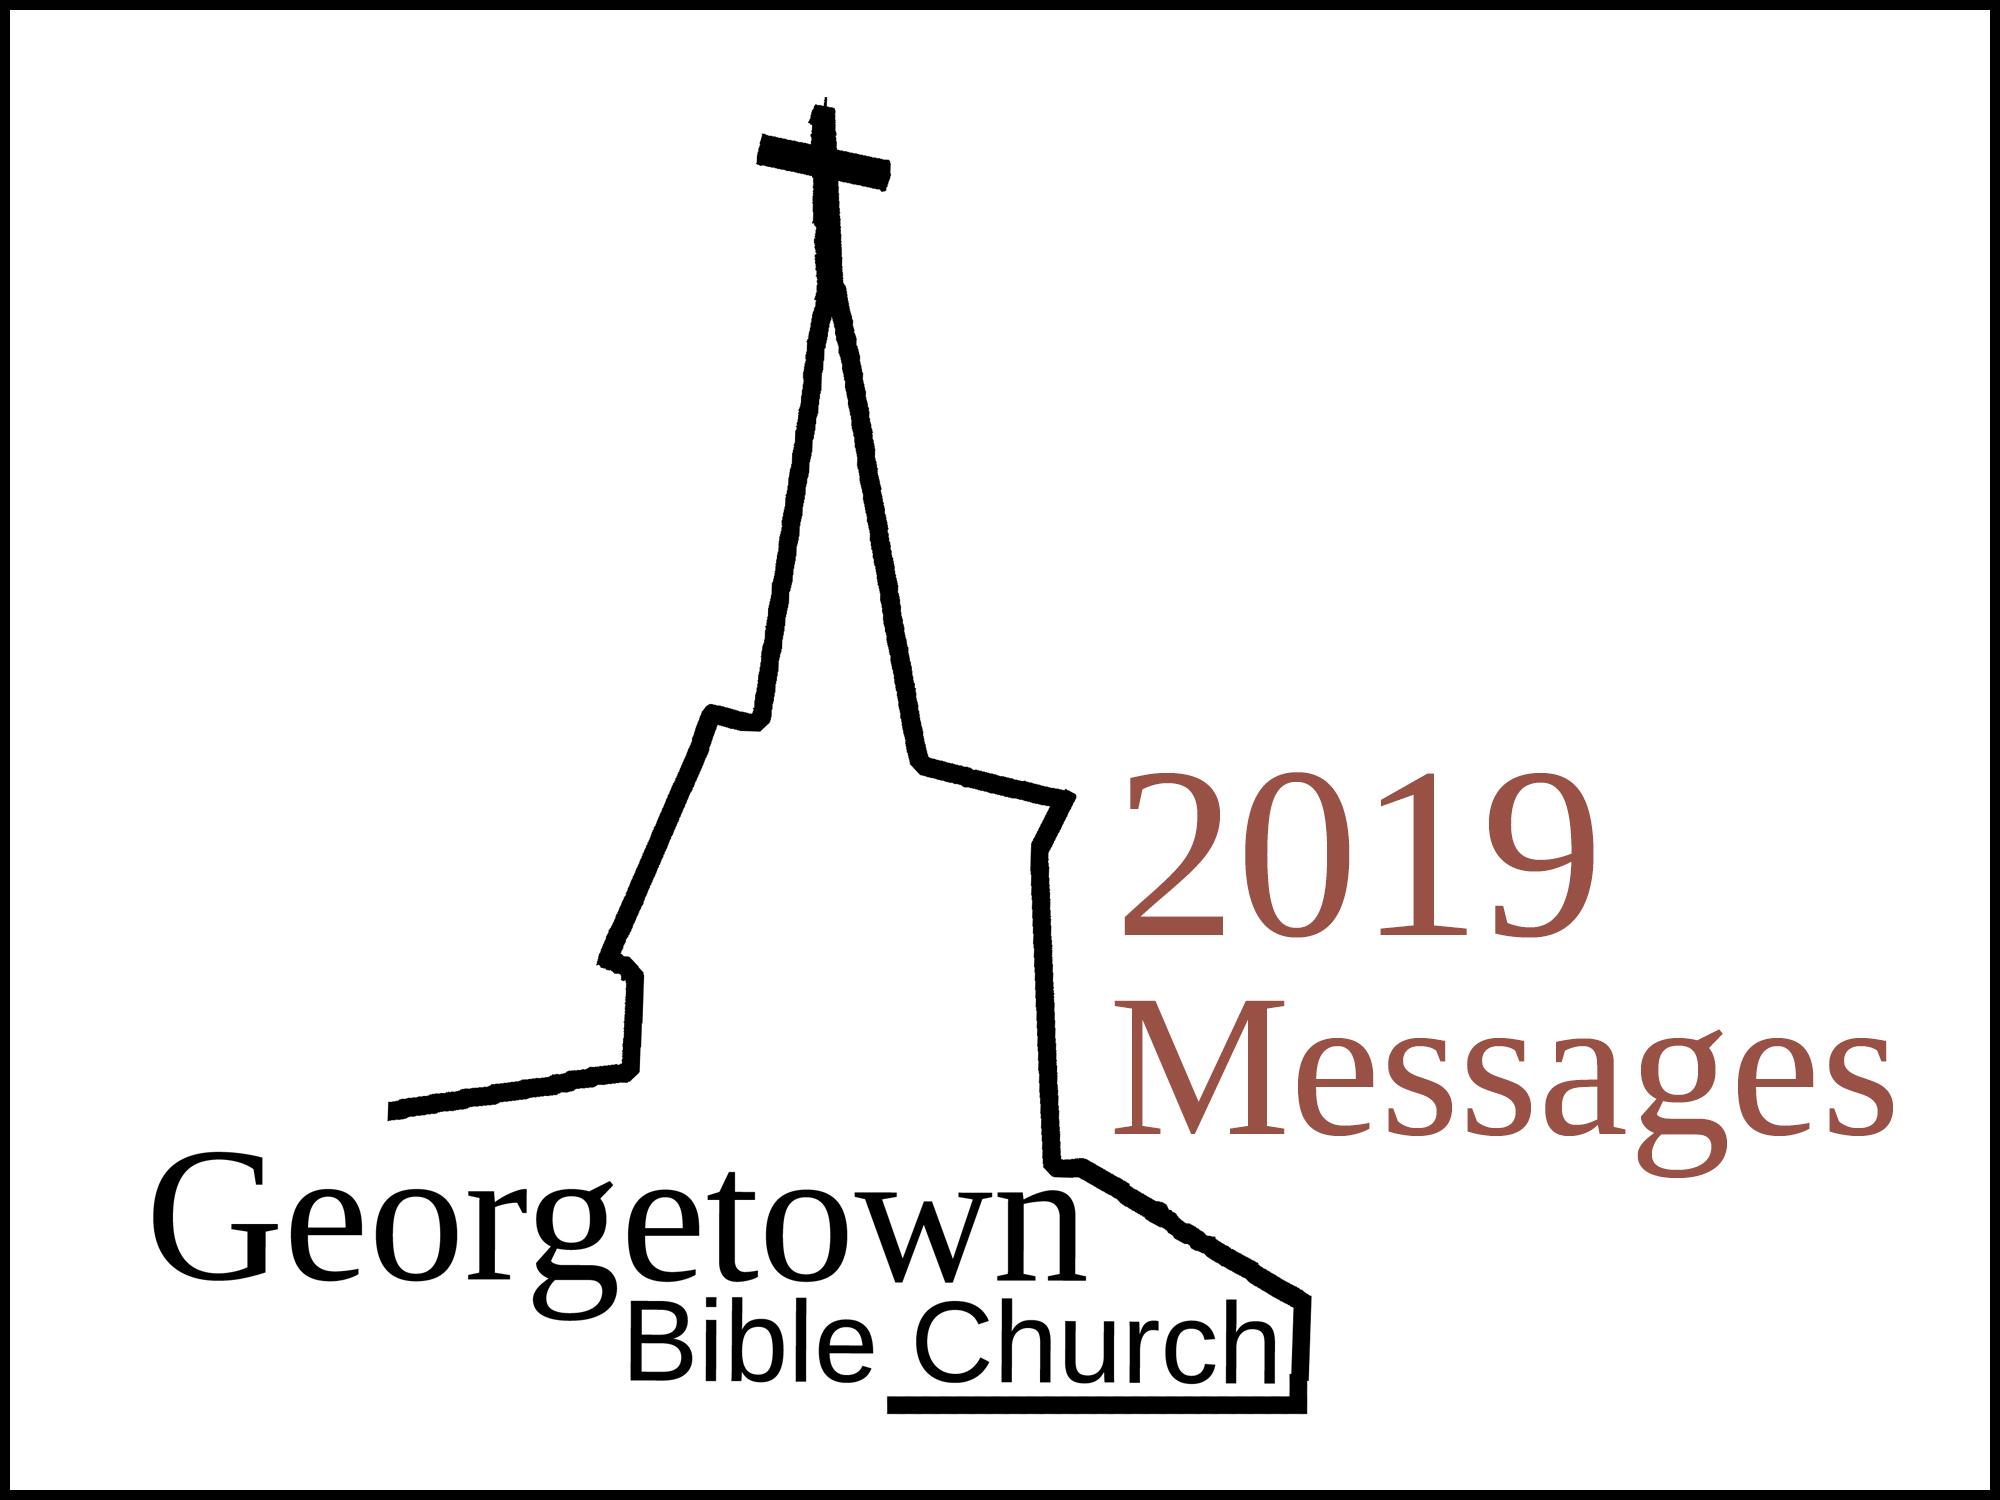 2019 Messages.jpg